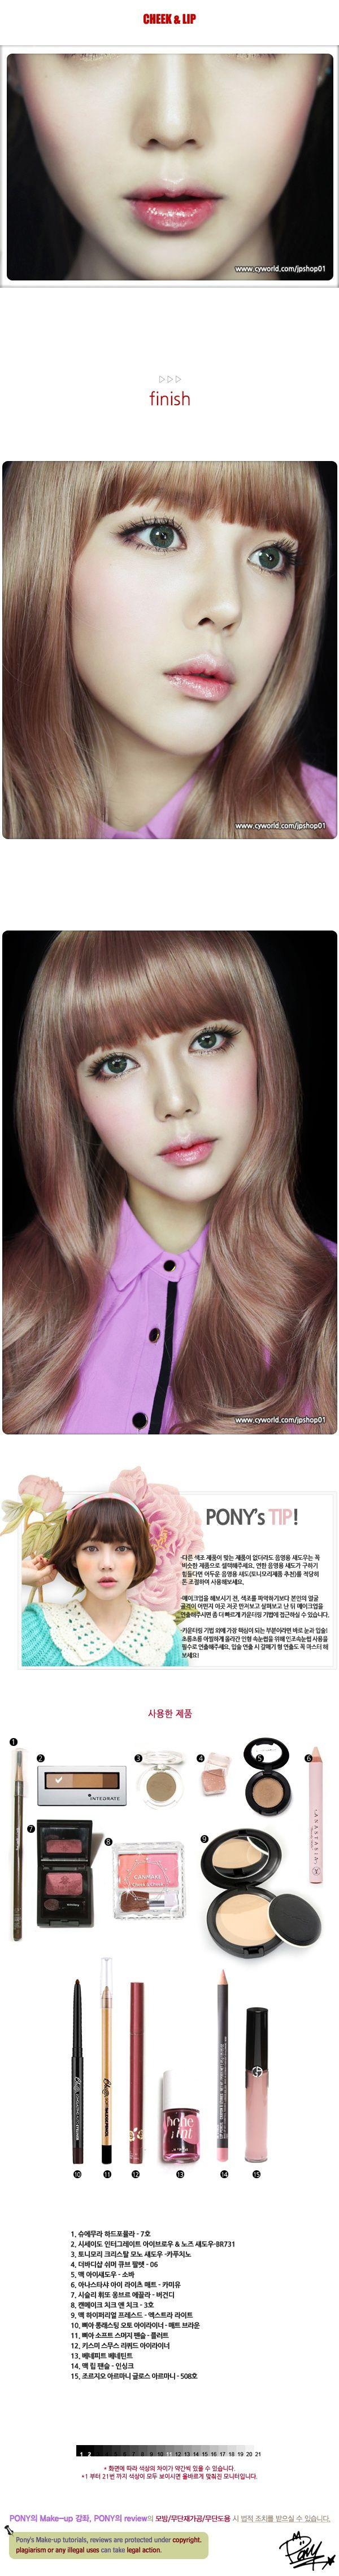 No.36 Sims Makeup (심즈 메이크업/여심 메이크업/컨투어링/쉐이딩 방법/음영 메이크업/인형 메이크업/포니 블로그/포니의 셀럽 메이크업 북) : 네이버 블로그